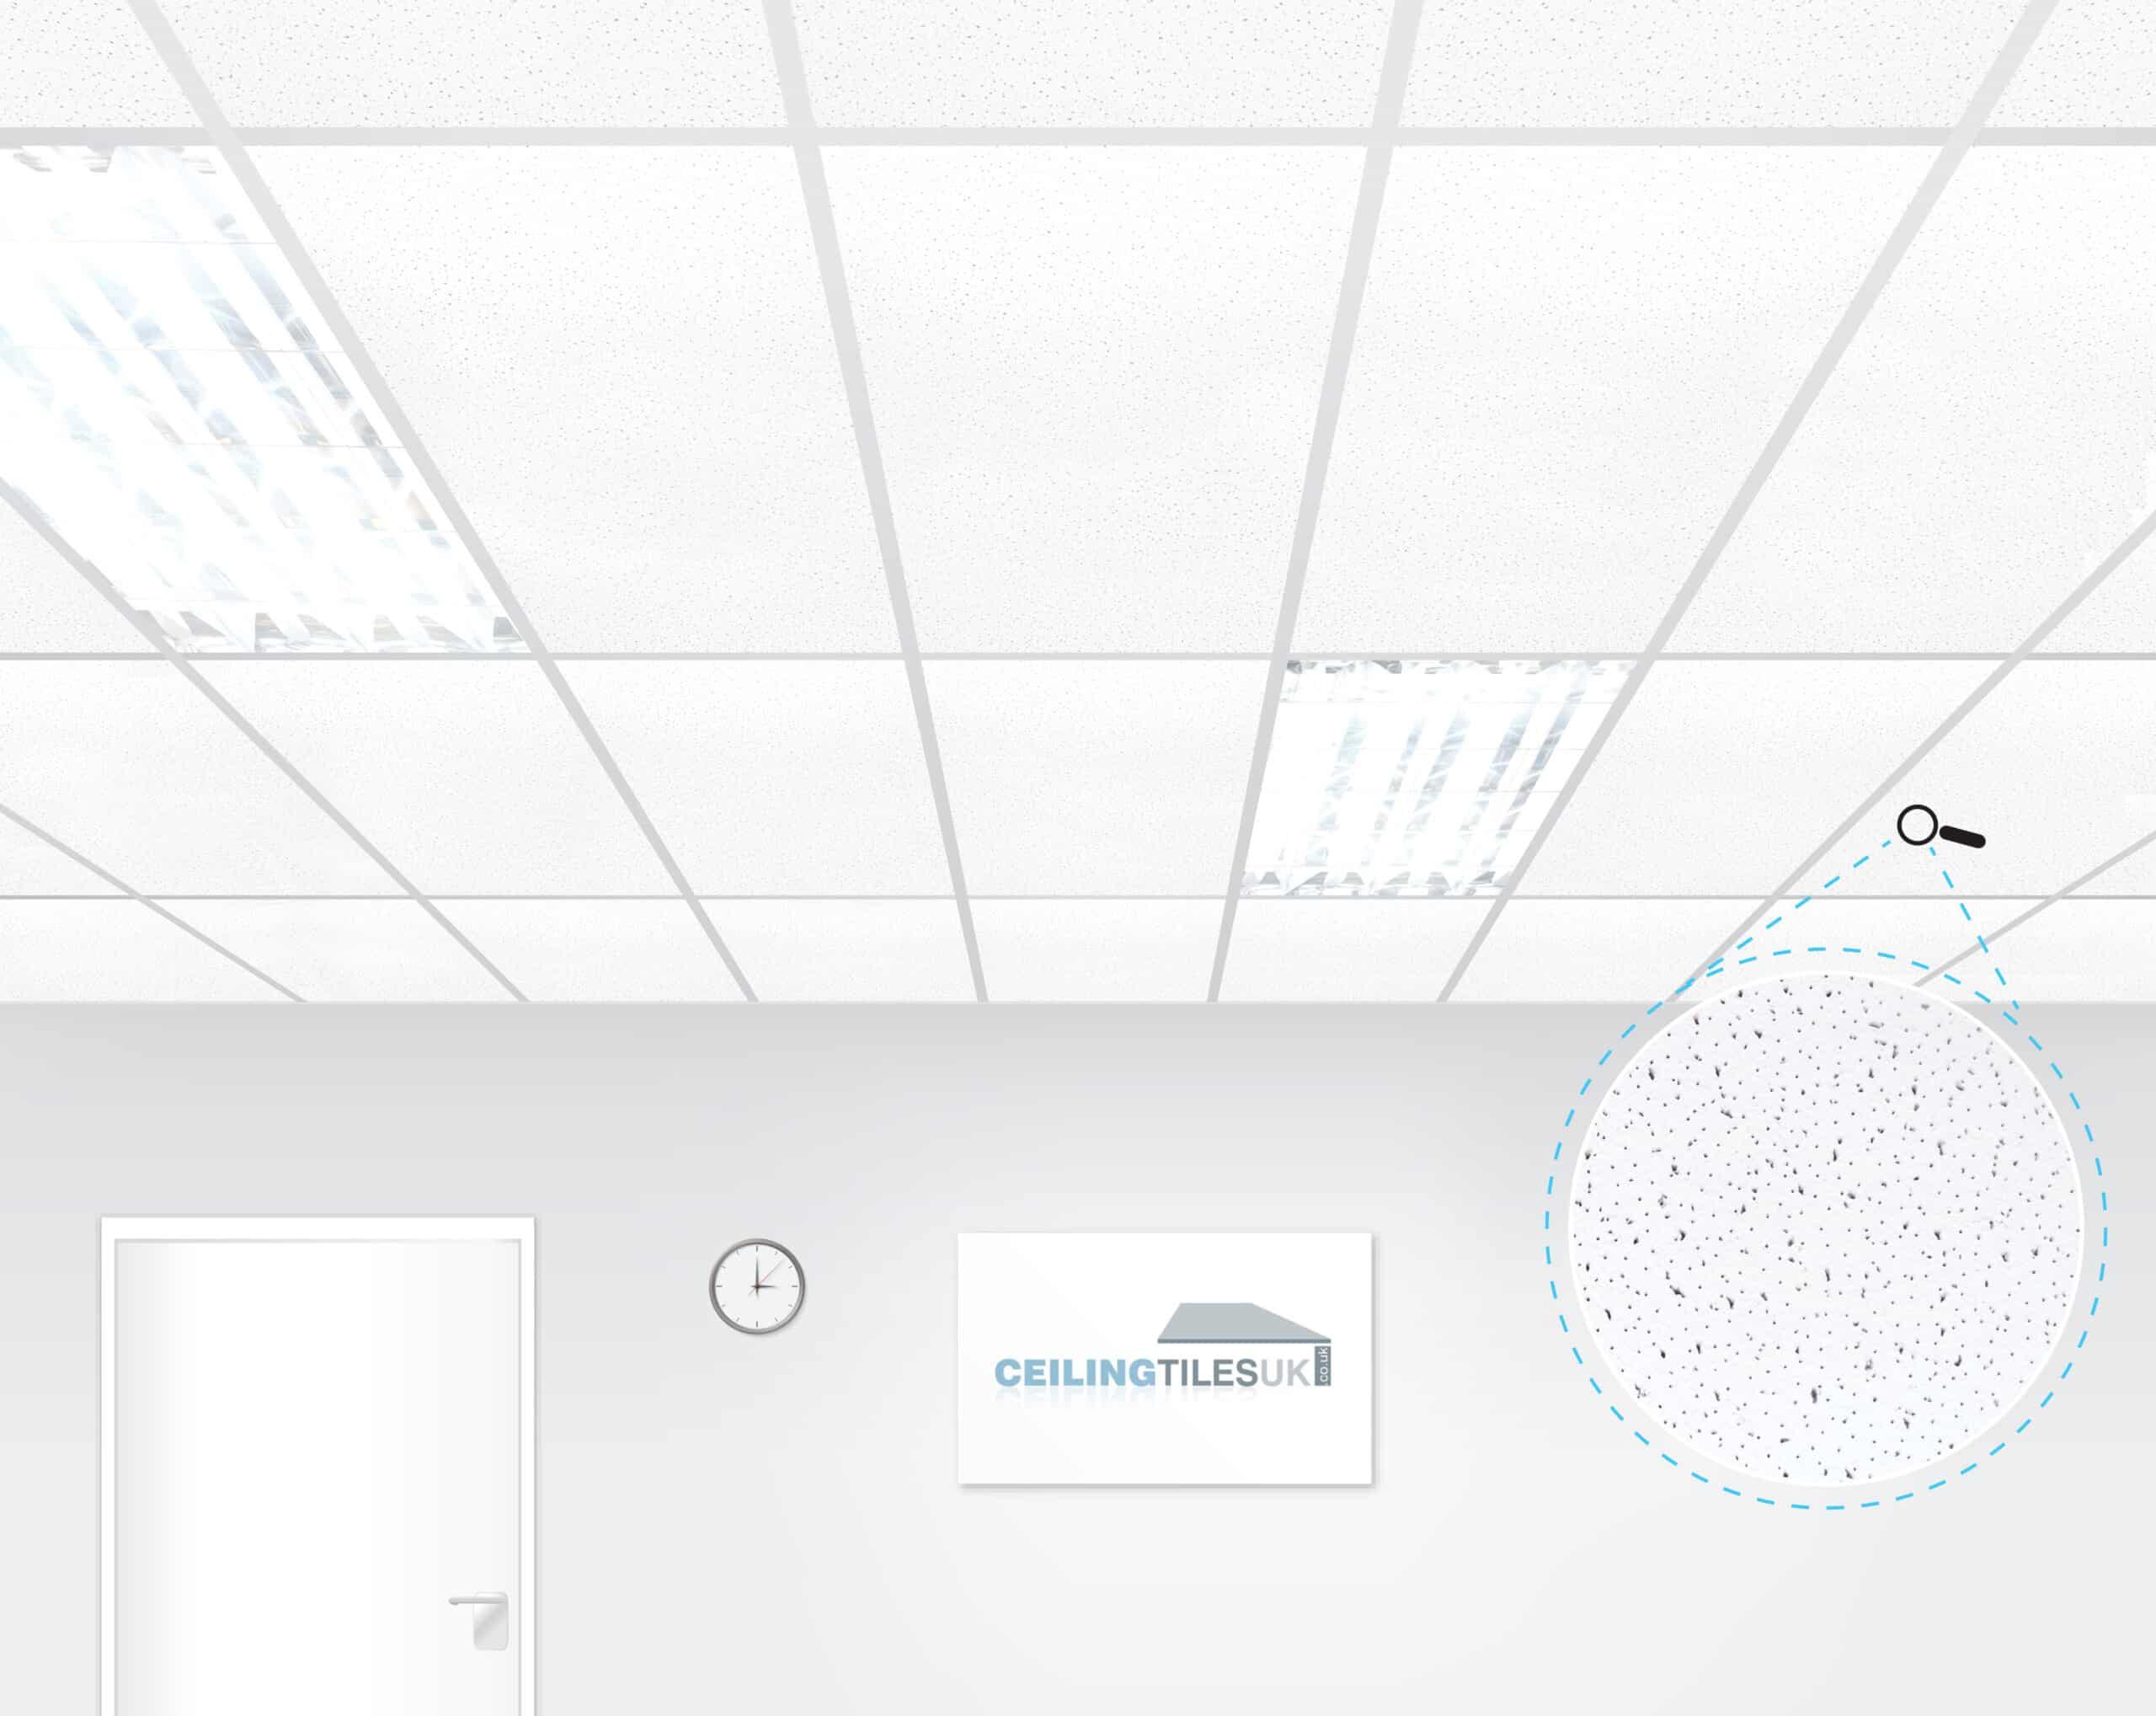 ceiling tiles uk